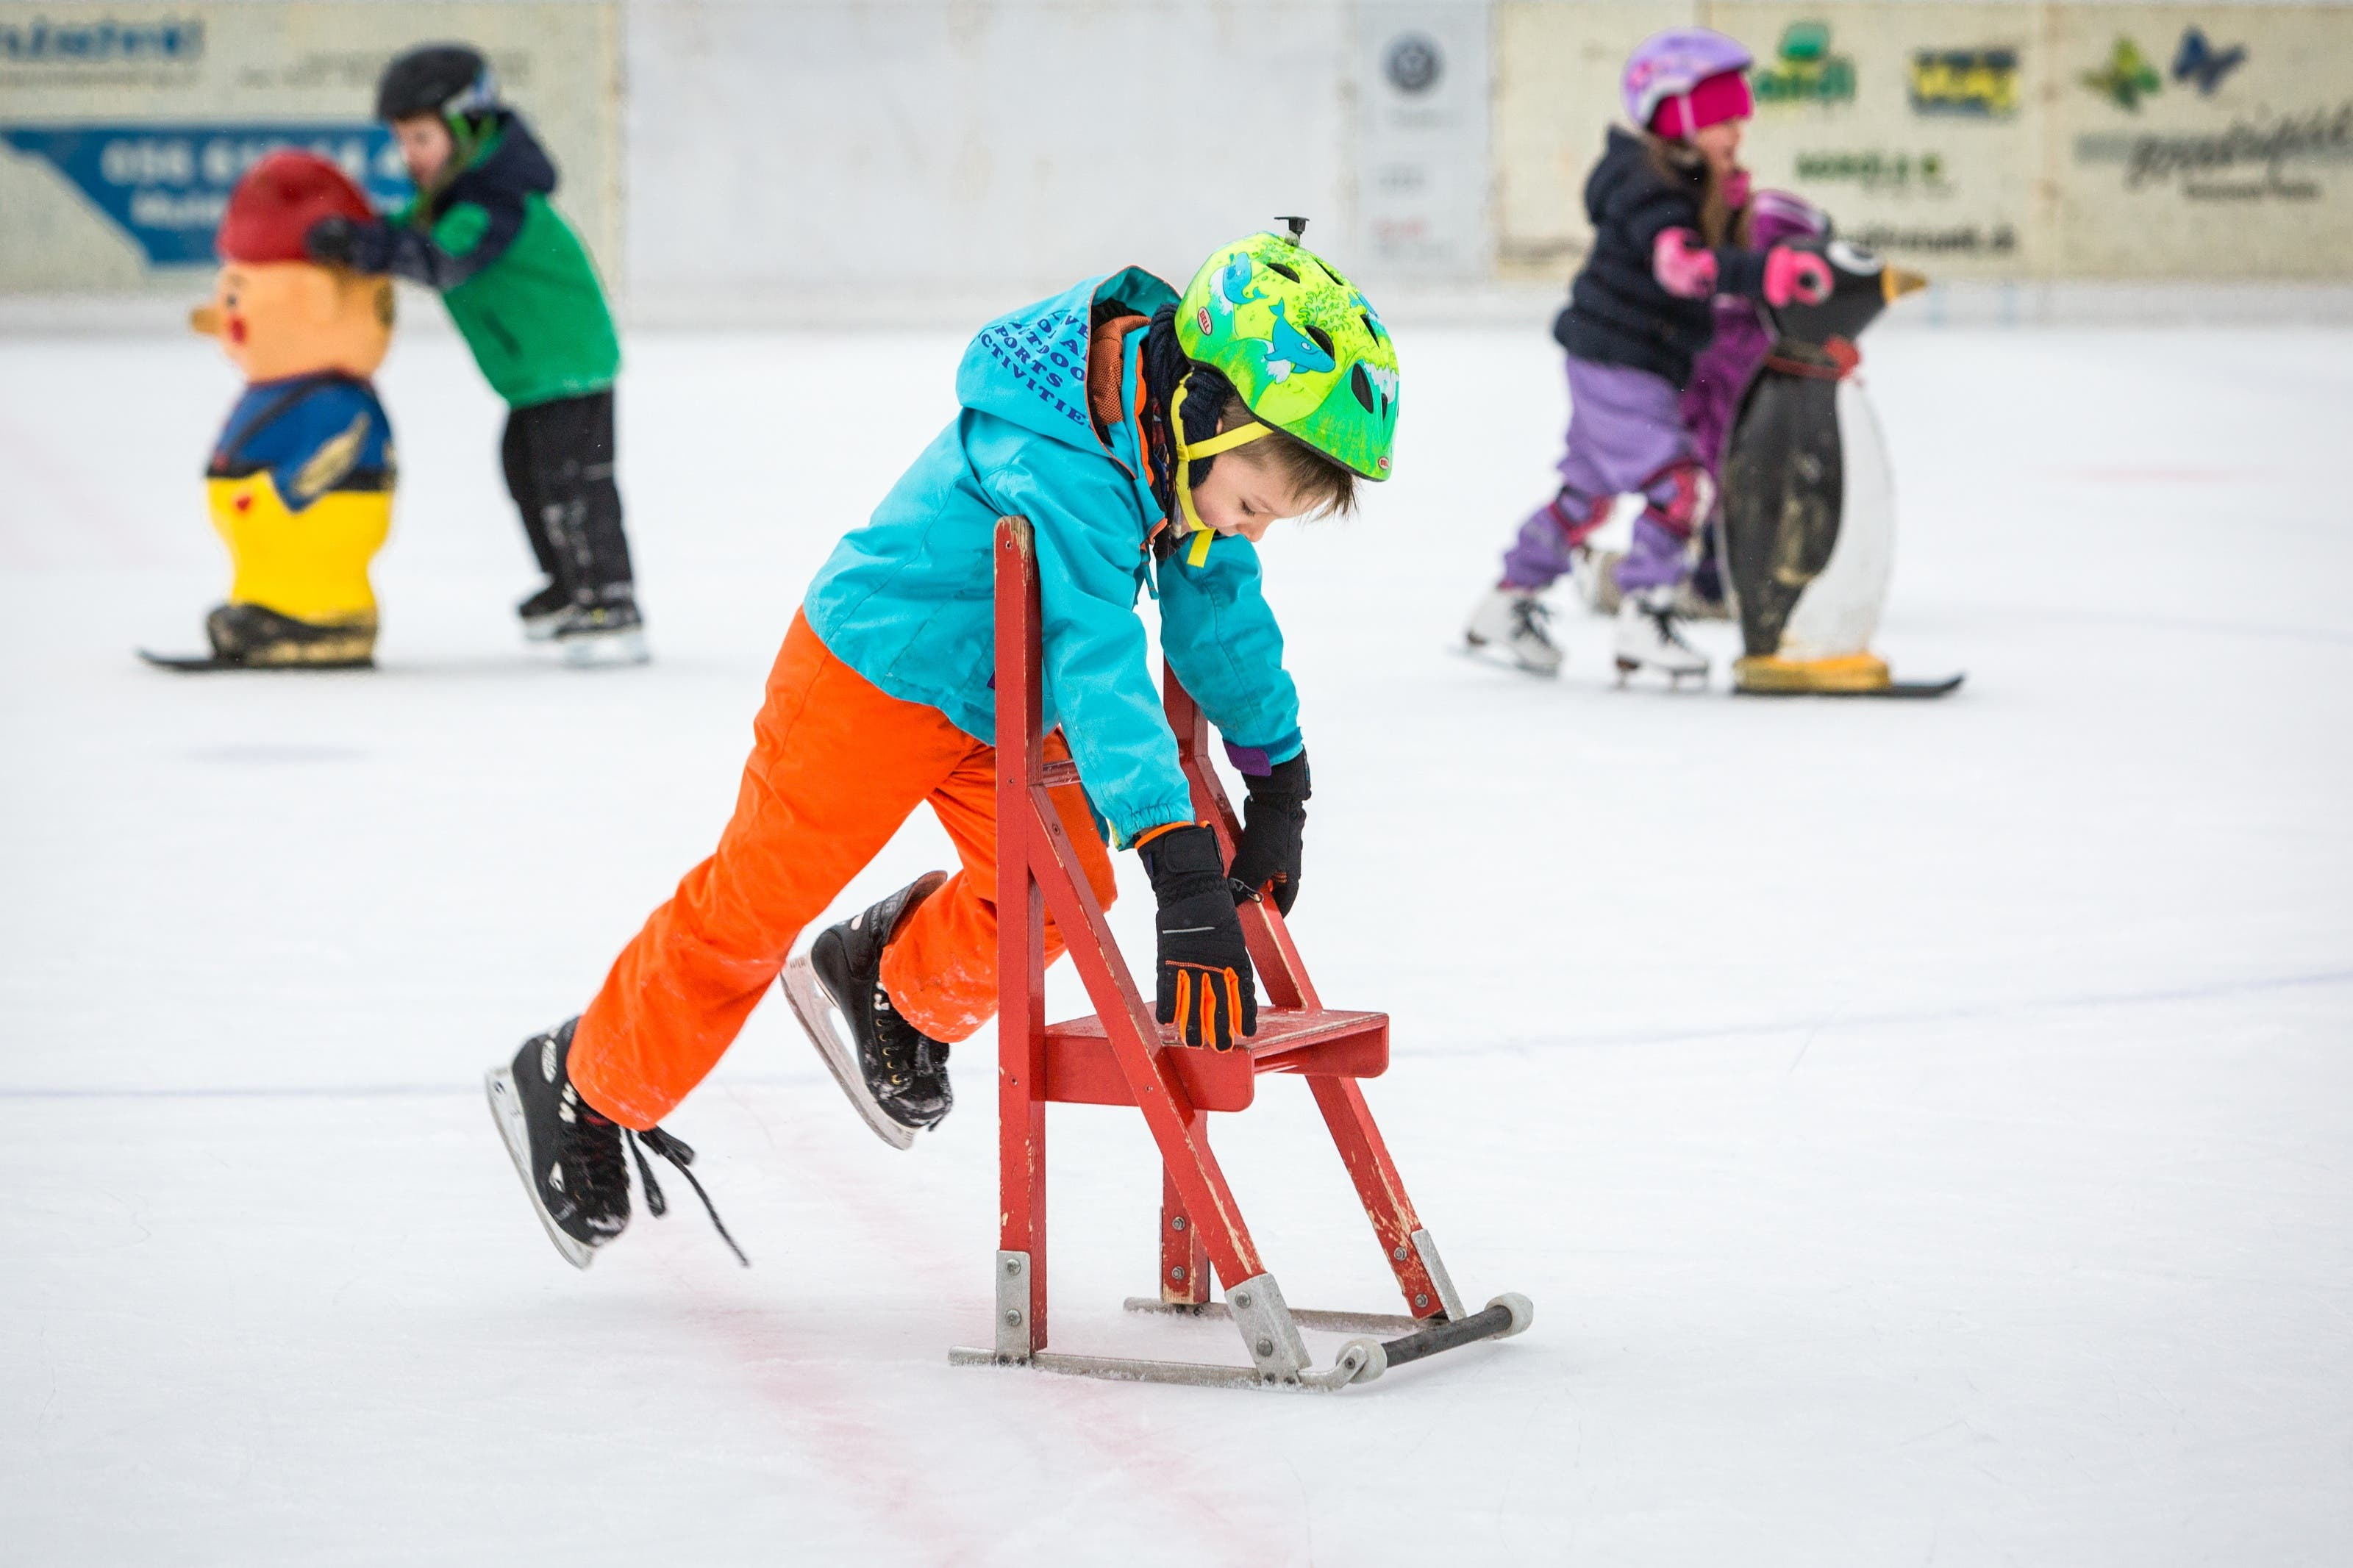 Nicolas übt seine ersten Tricks auf dem Eis.